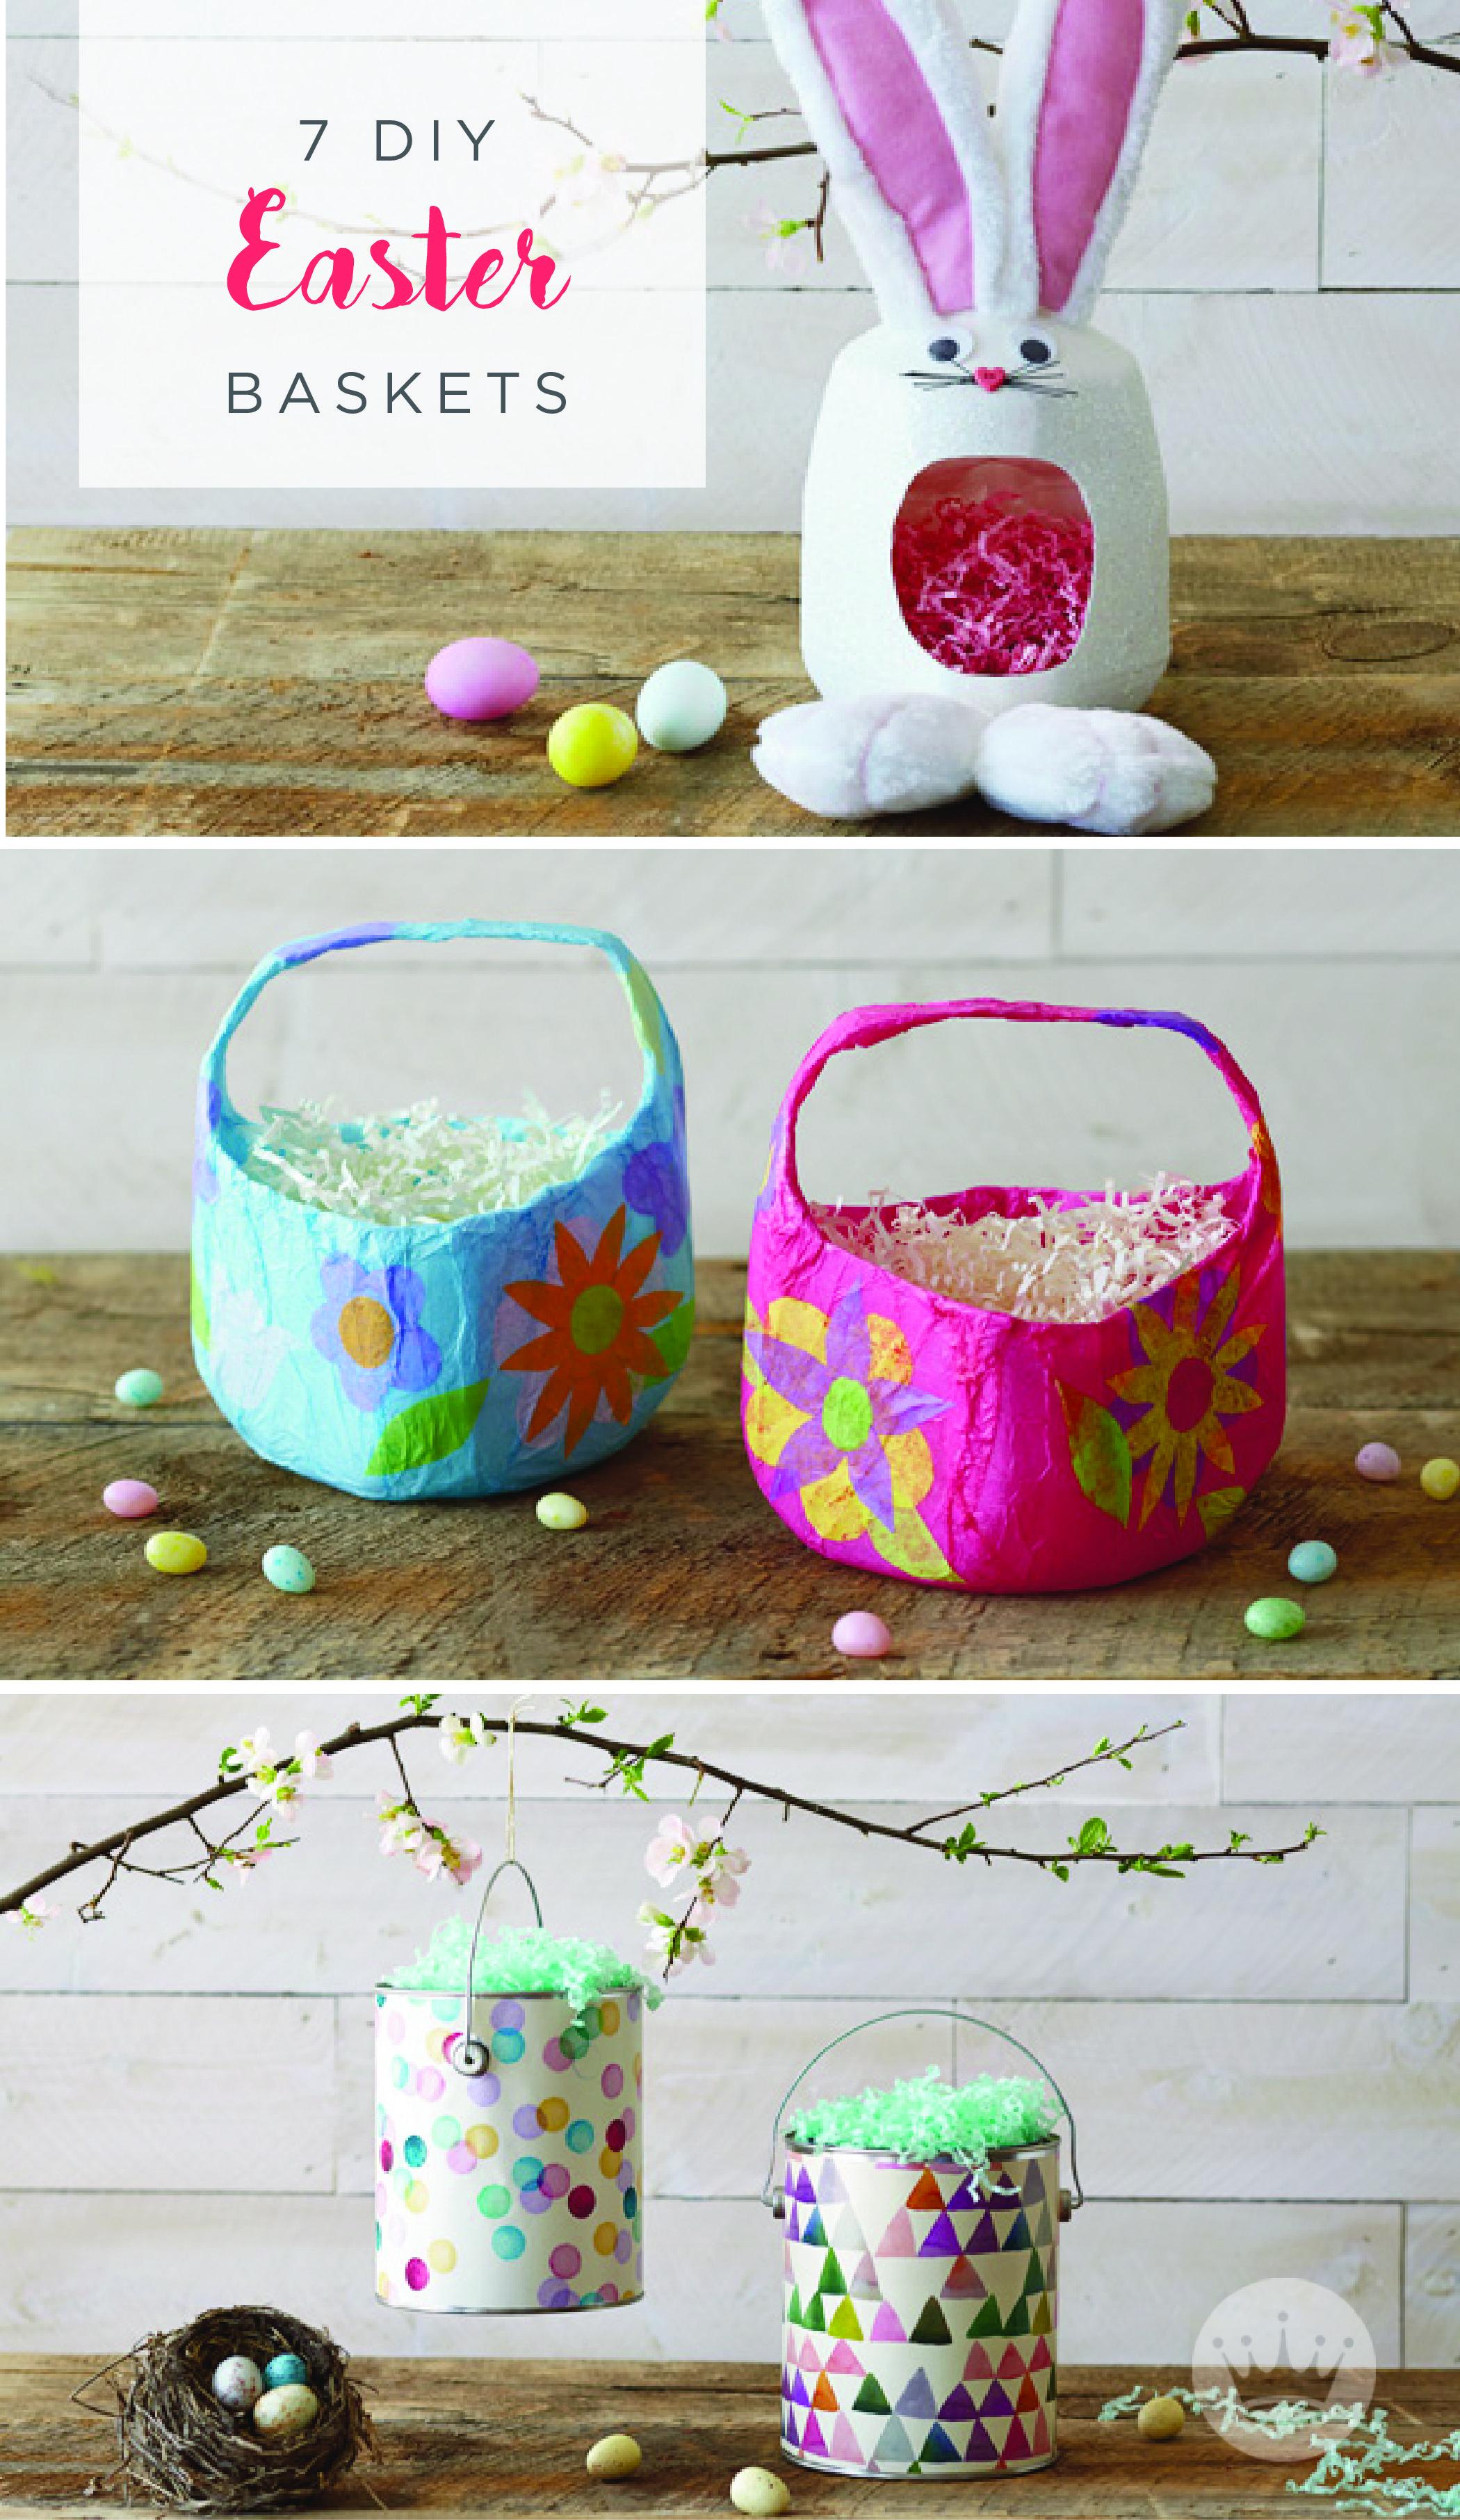 7 Diy Easter Basket Ideas Pinterest Easter Baskets Easter And